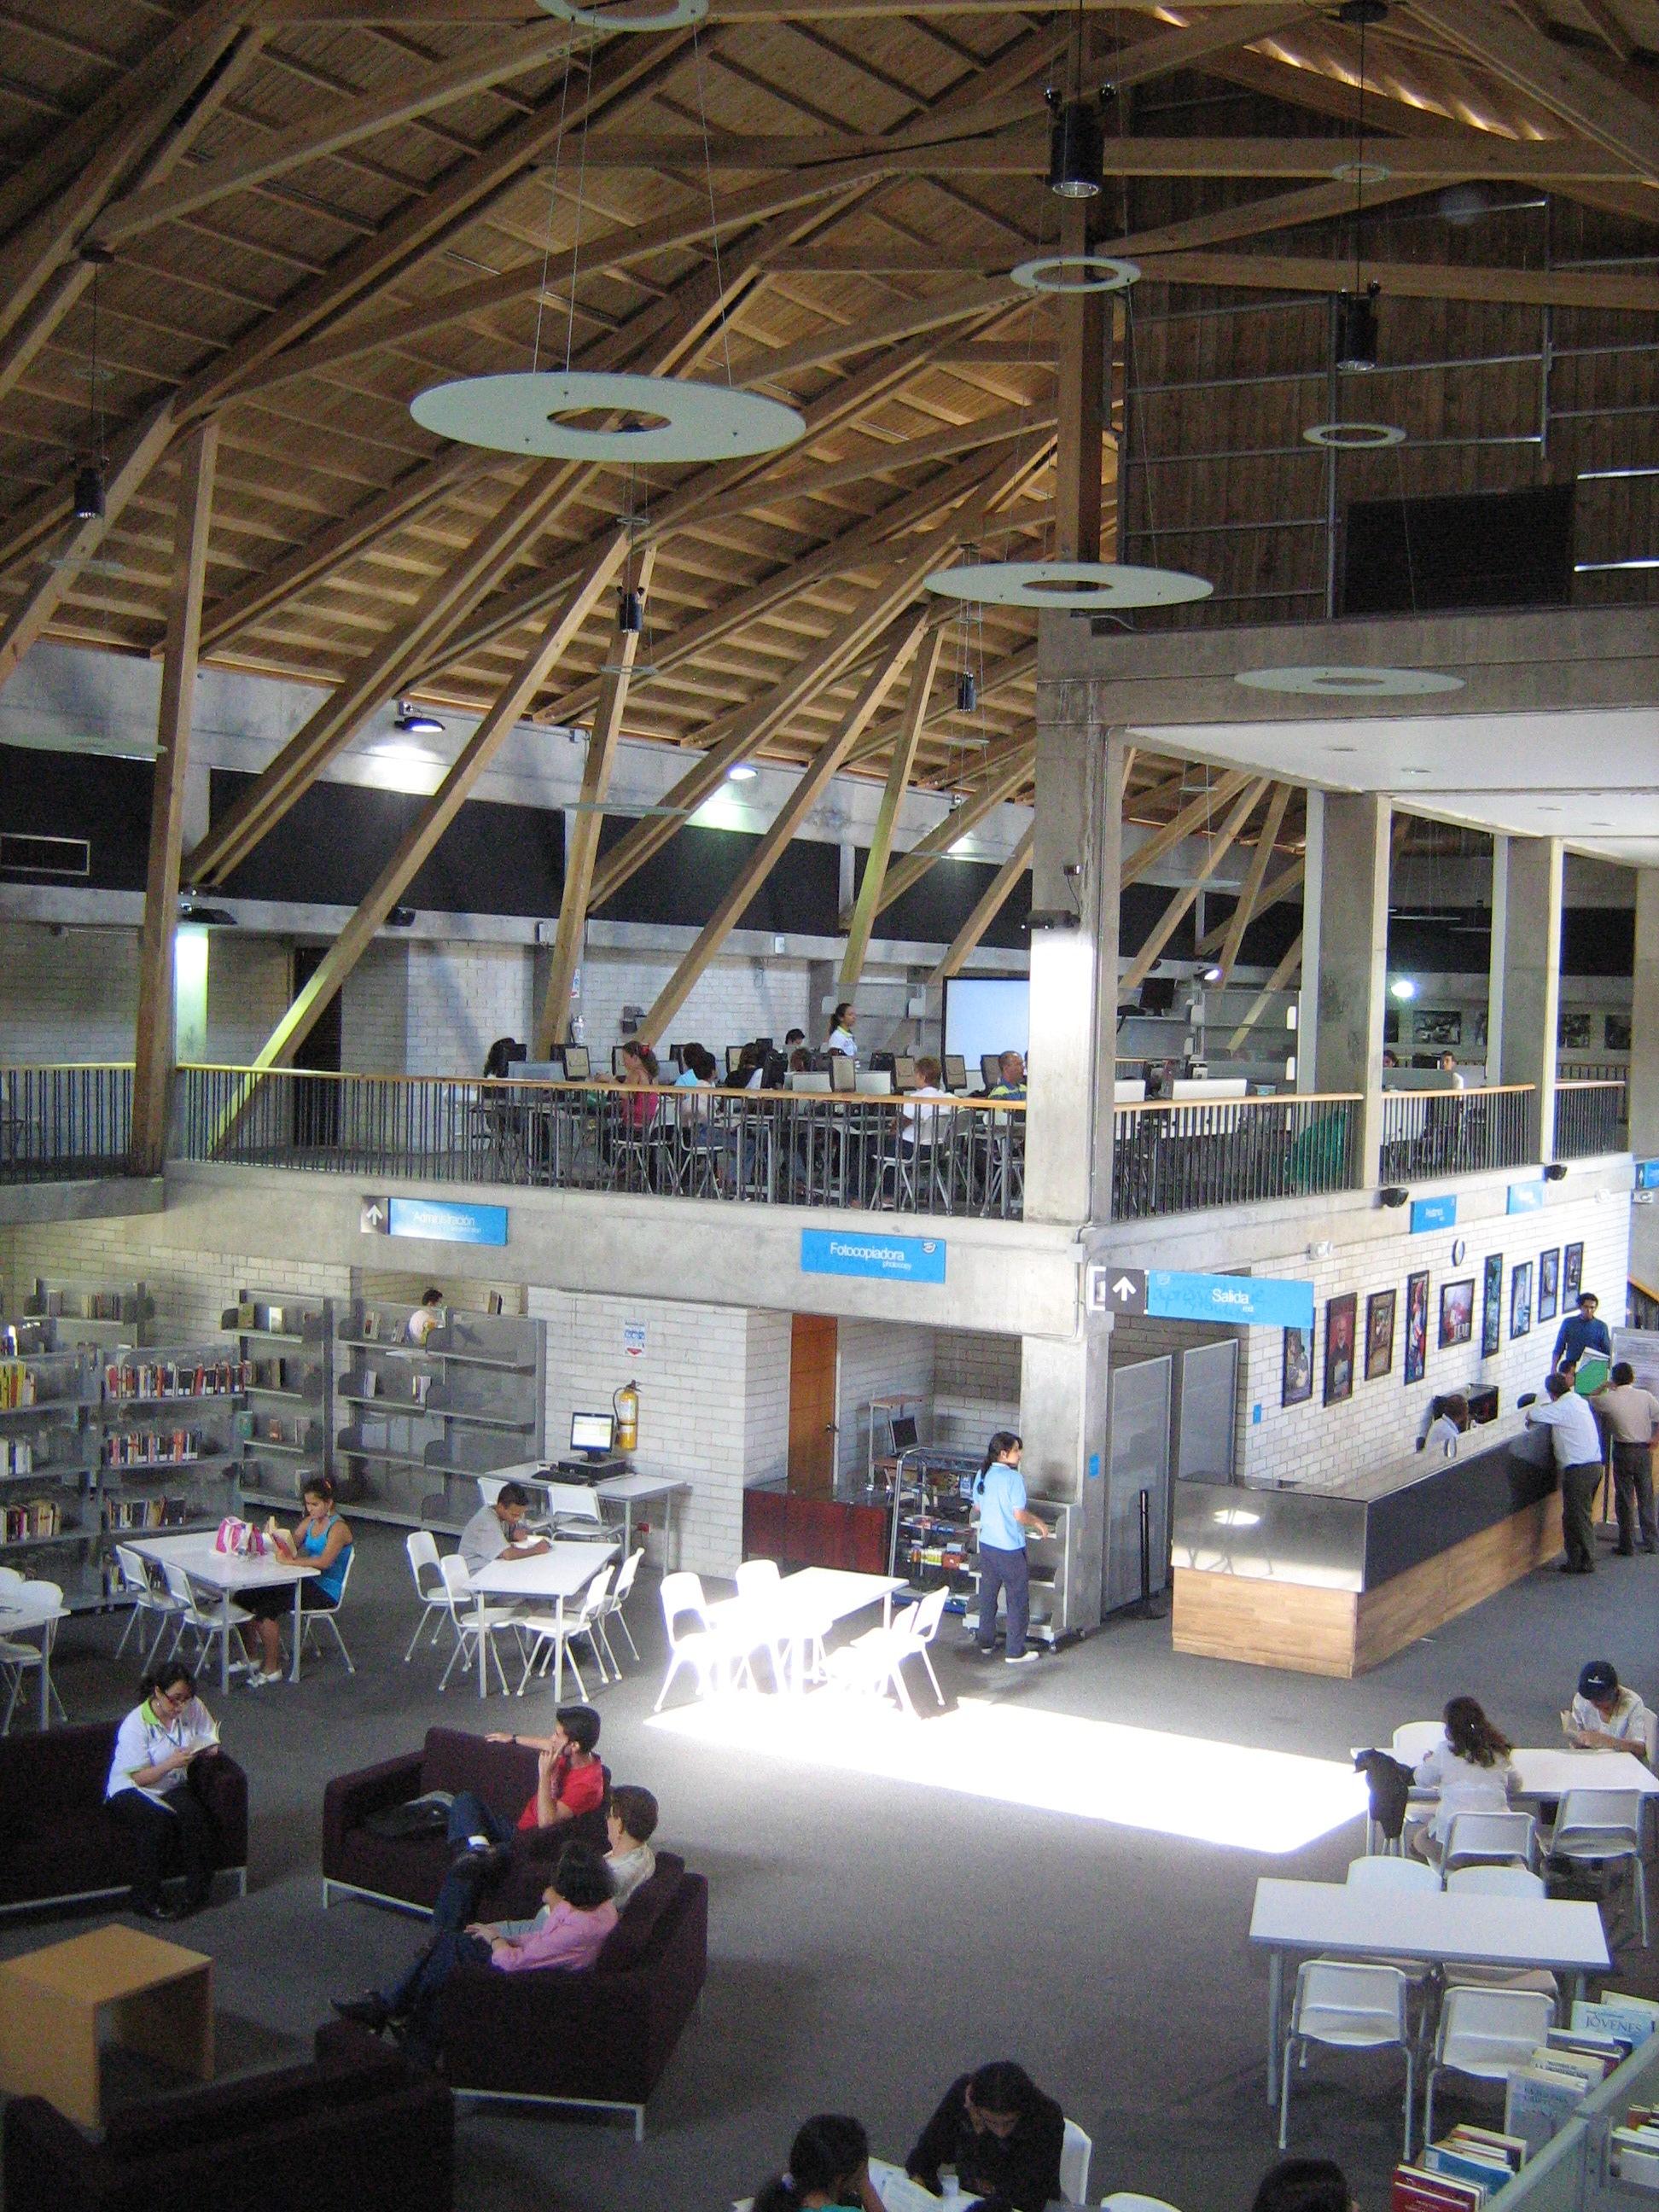 Las bibliotecas m s espectaculares libros y arquitectura for Biblioteca arquitectura